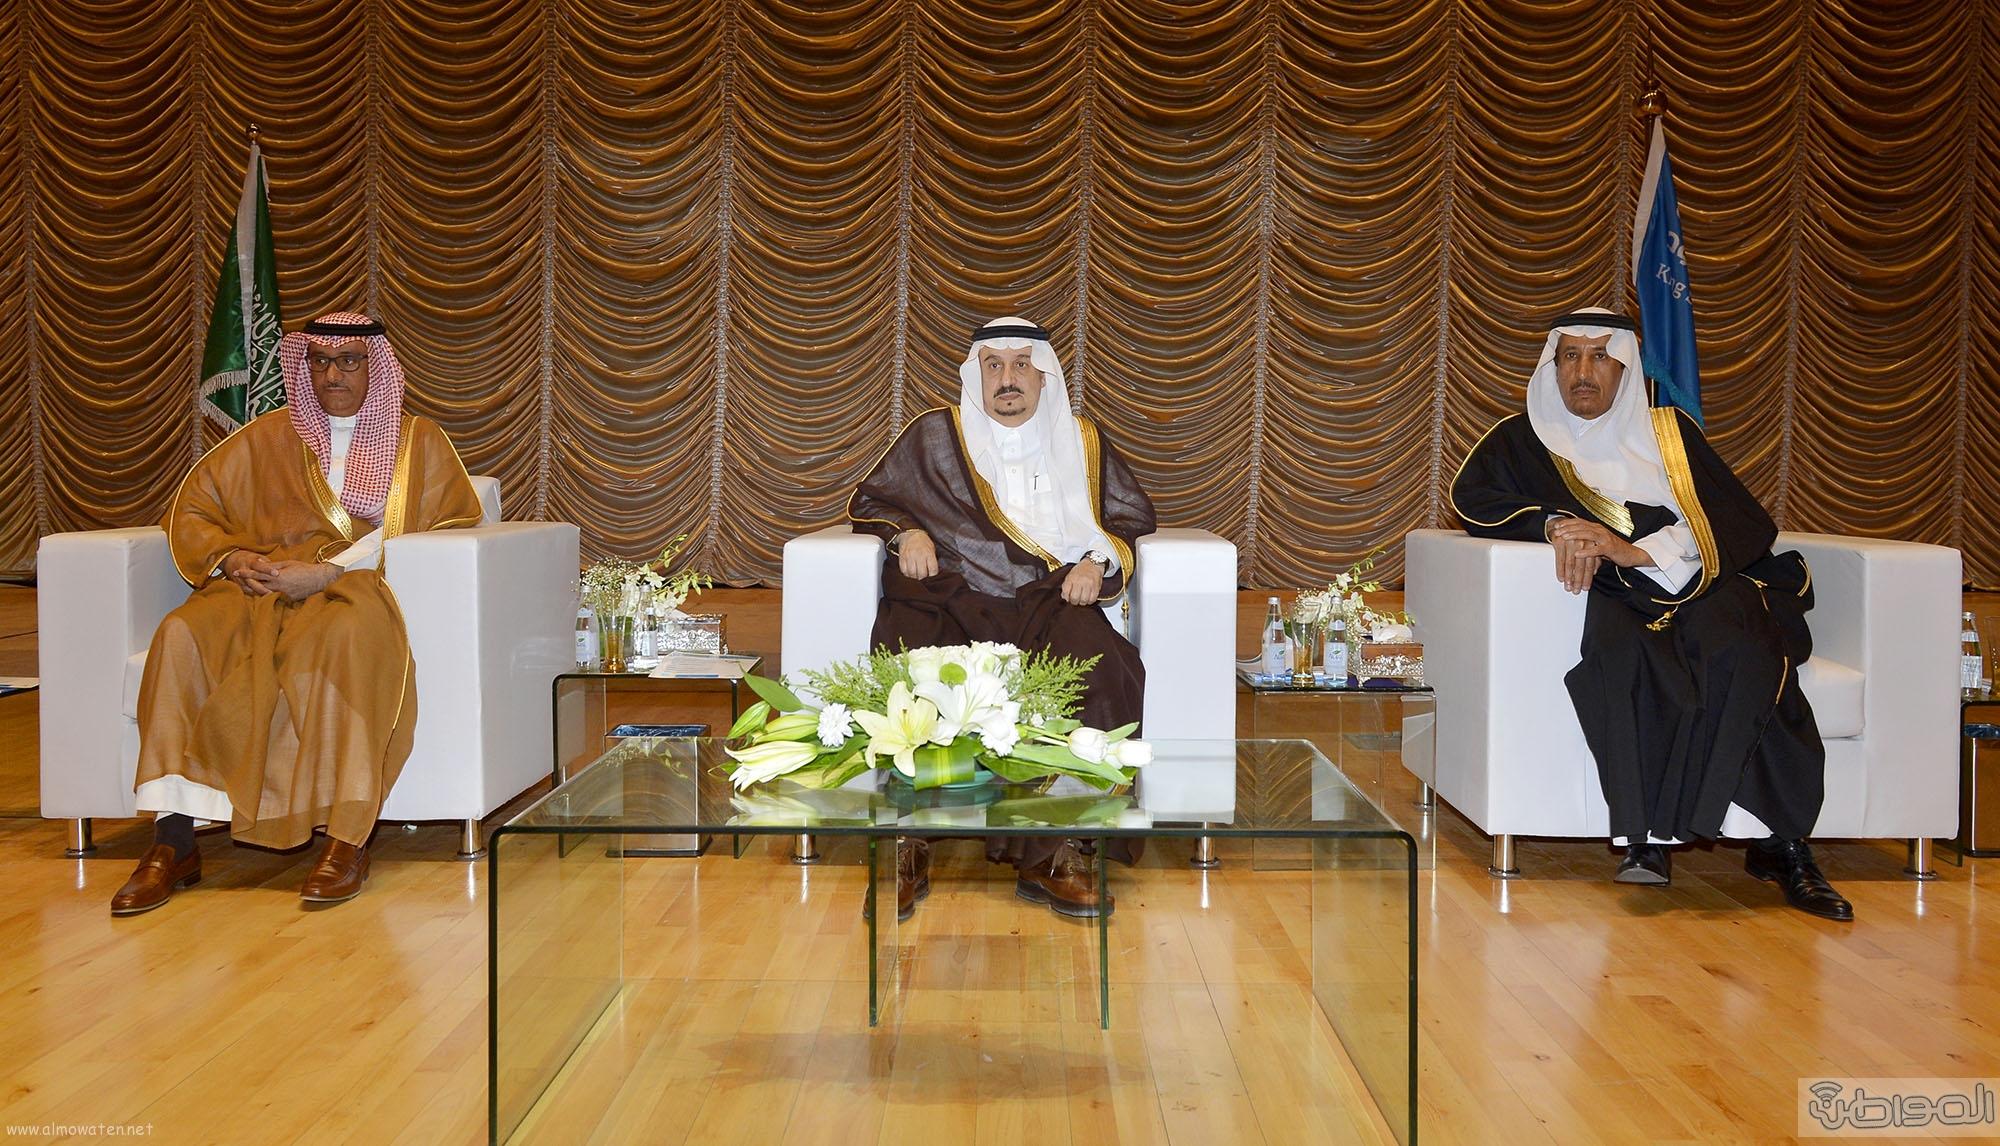 امير الرياض خلال رعاية طموح ملك لمستقبل وطن (2)